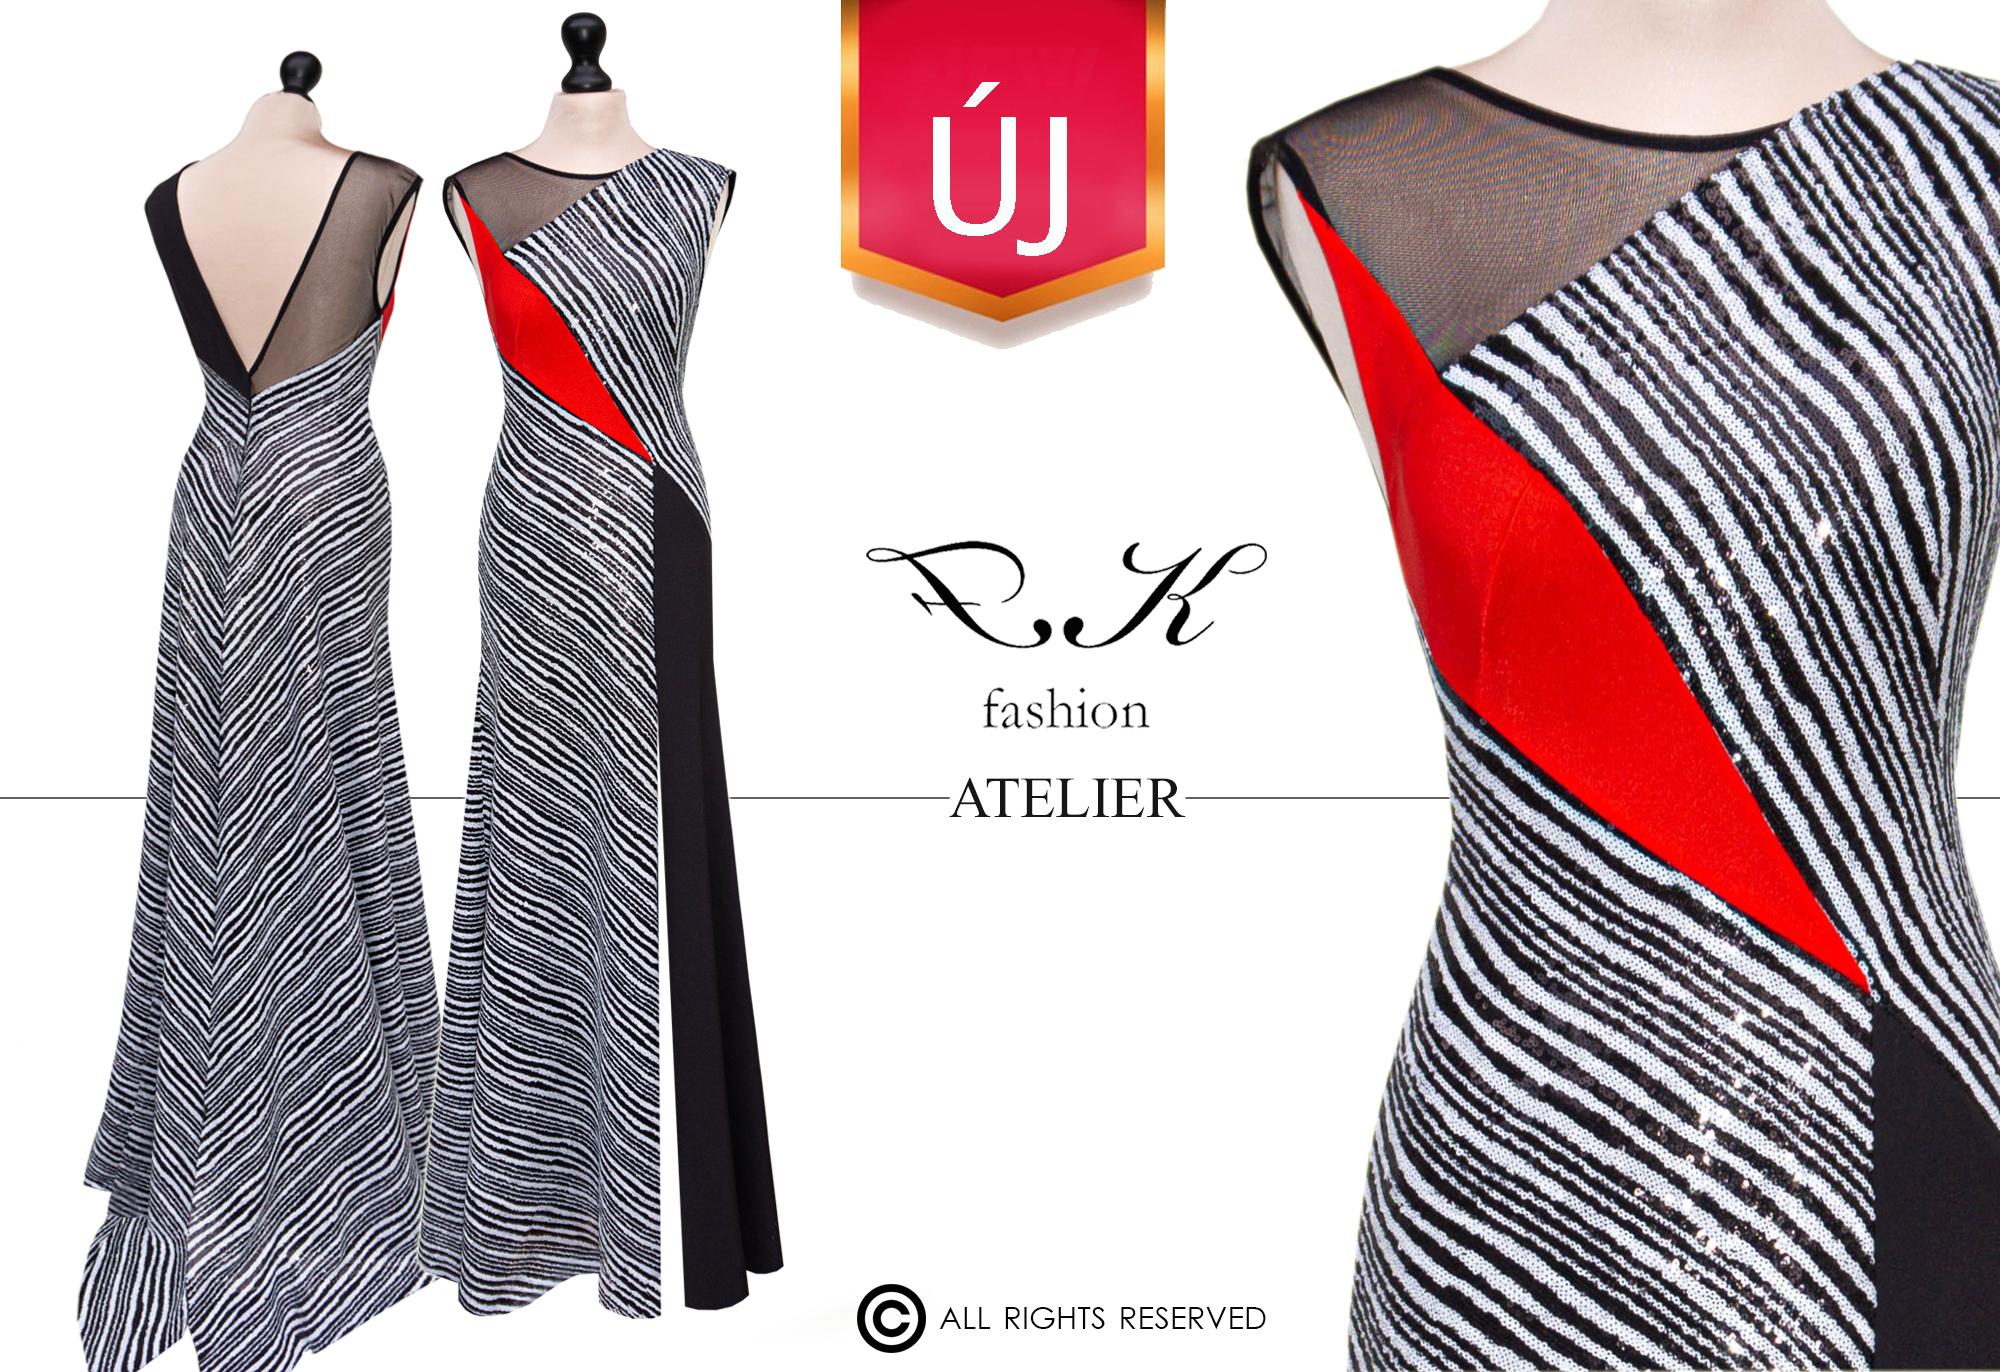 Textil: flitter és egyszínű matt textil, necc Méret: 36'-38' Ár: 175.000.- helyett 150.000.- HUF